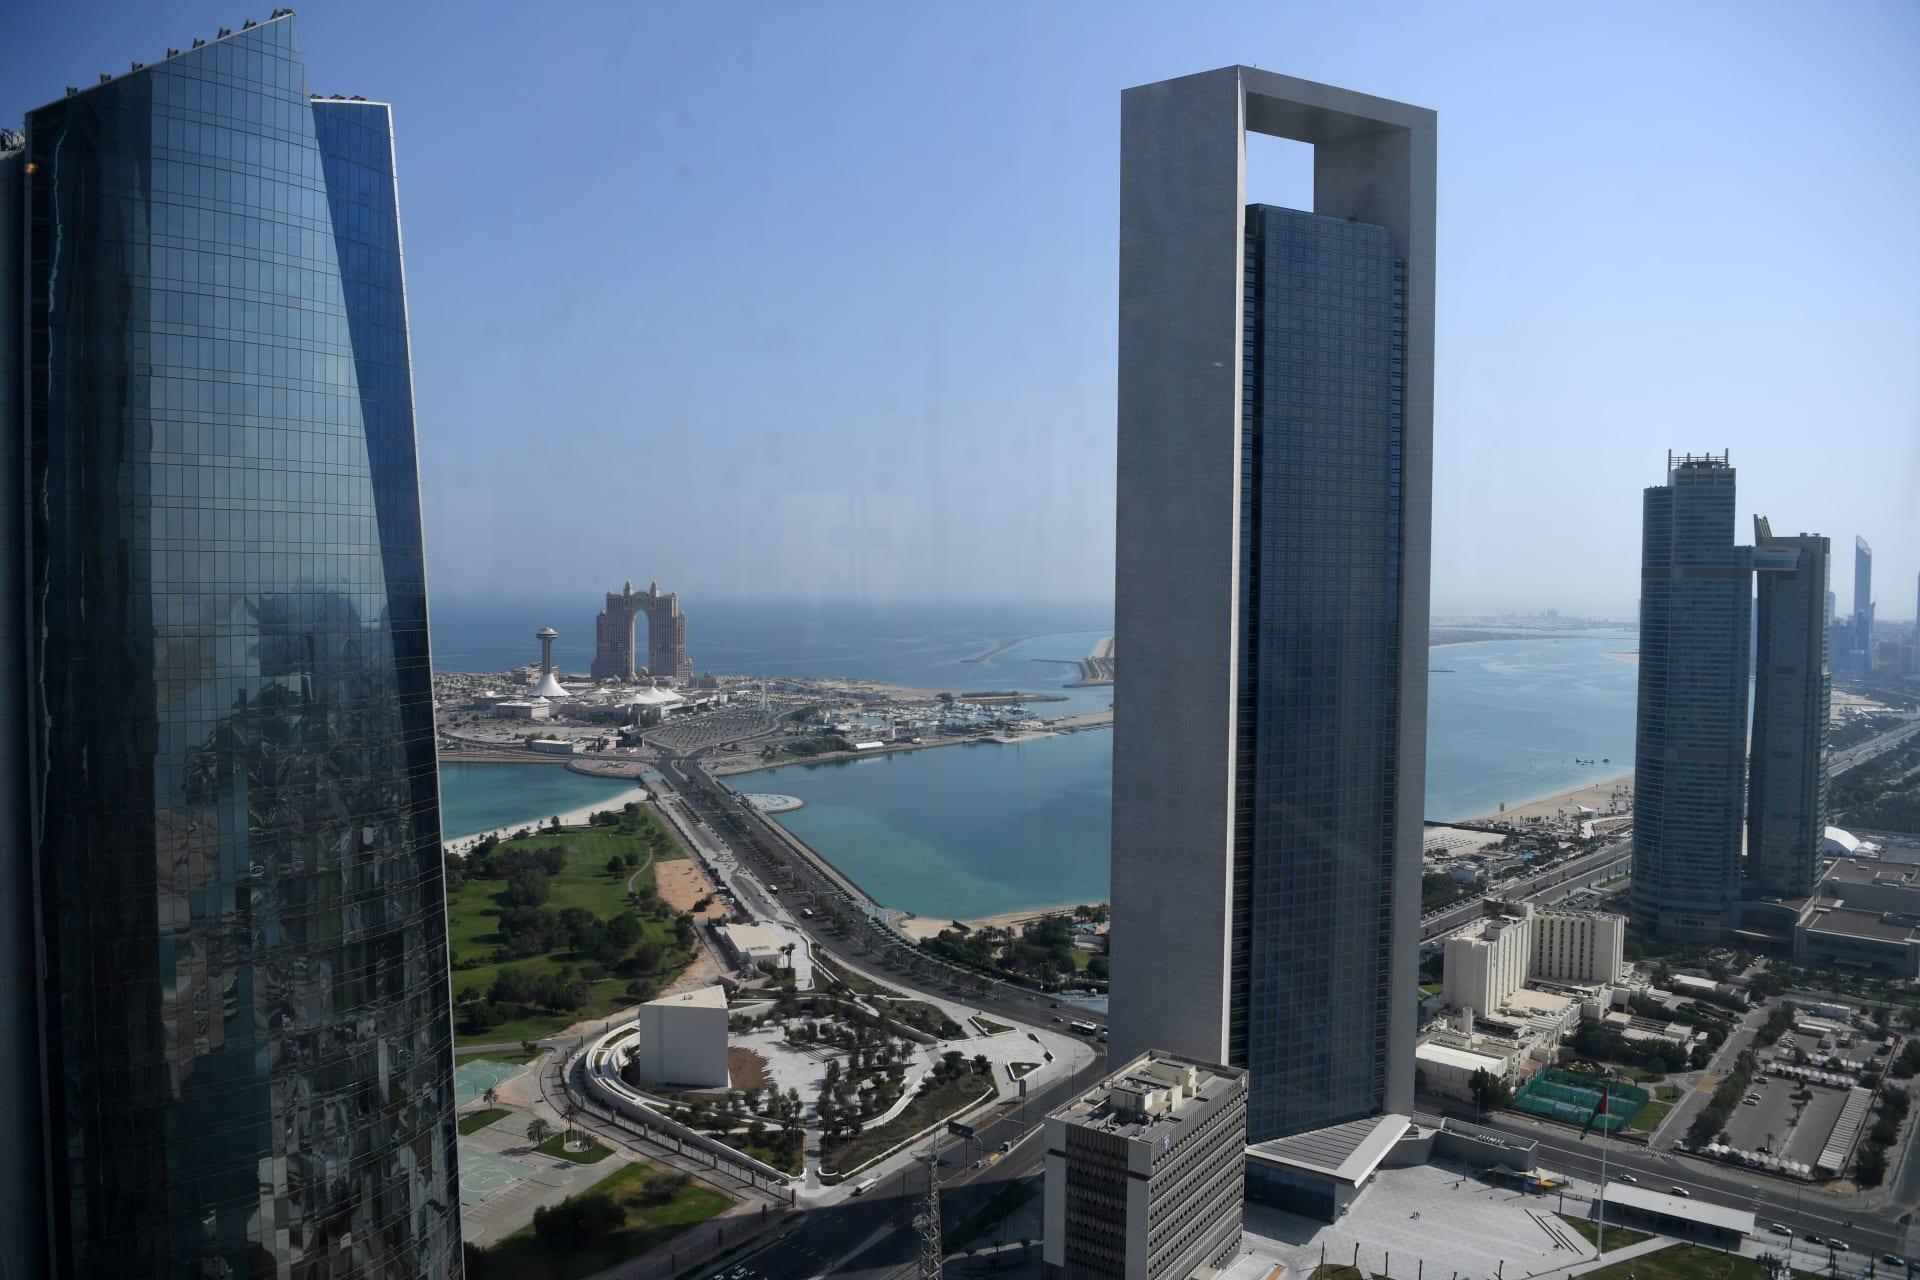 رغم أزمة كورونا.. الاستثمارات الأجنبية في الإمارات تنمو 44.2٪ خلال 2020